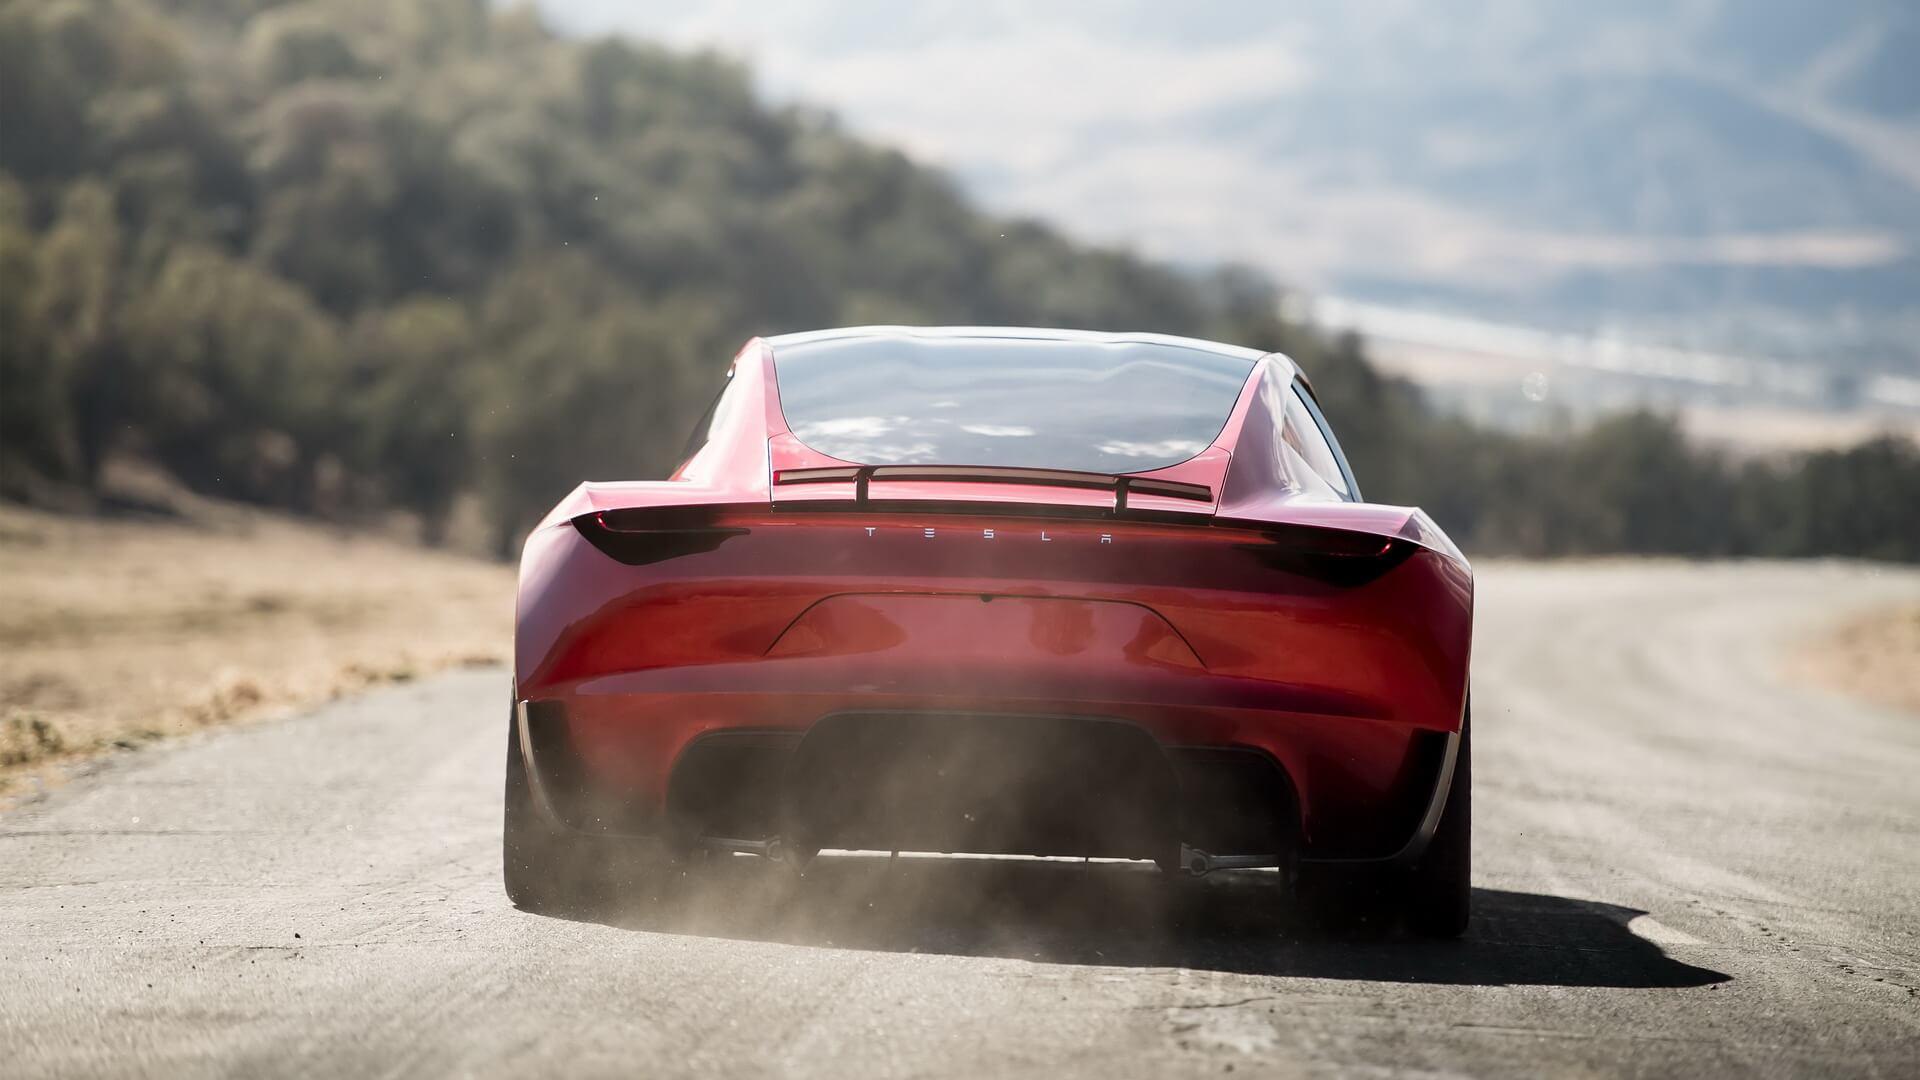 Електрокар Tesla Roaster 2 — вид ззаду